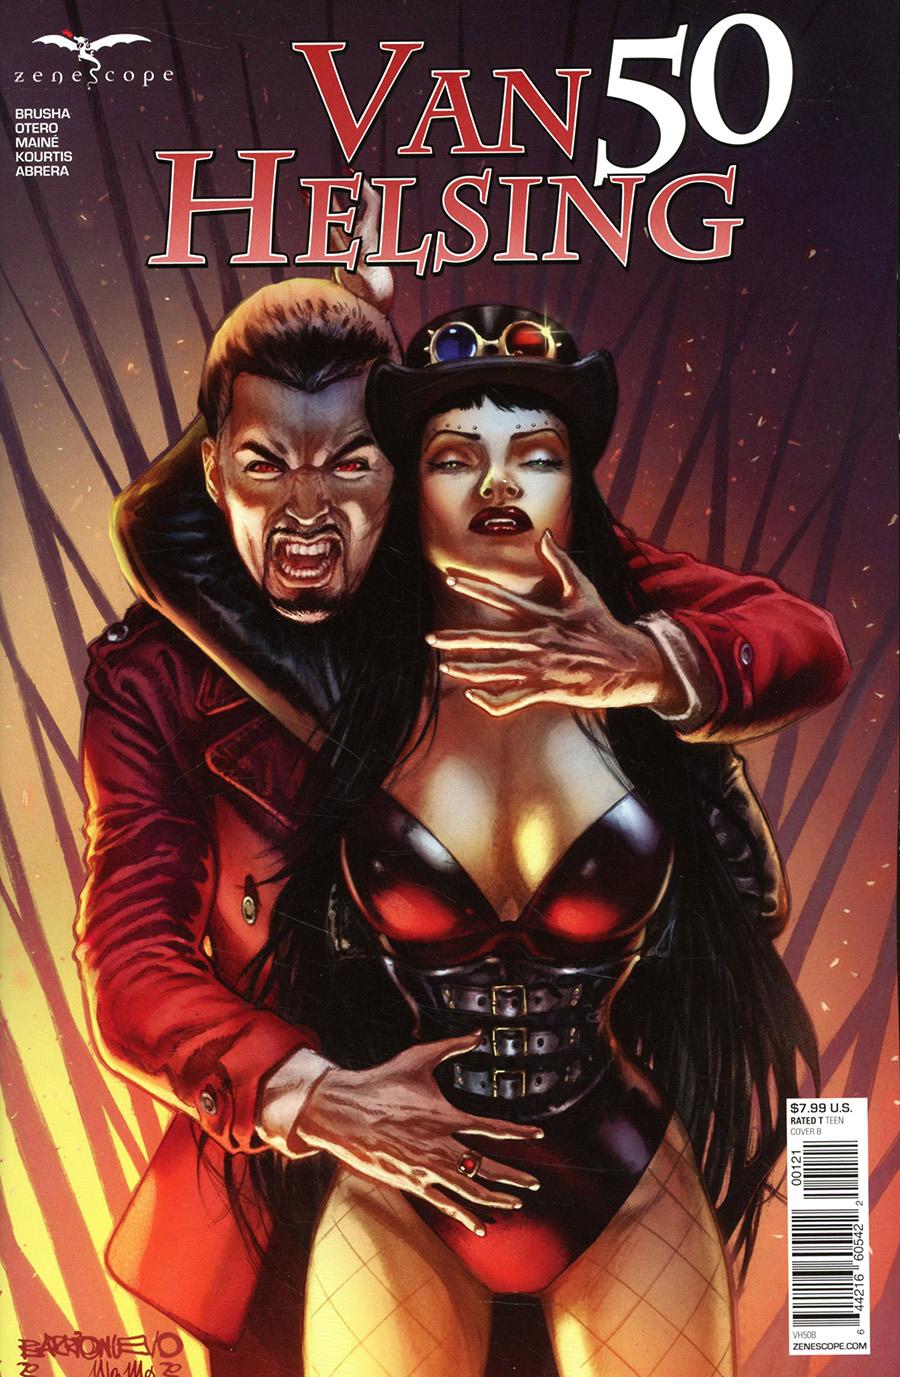 Grimm Fairy Tales Presents Van Helsing #50 Cover B Al Barrionuevo